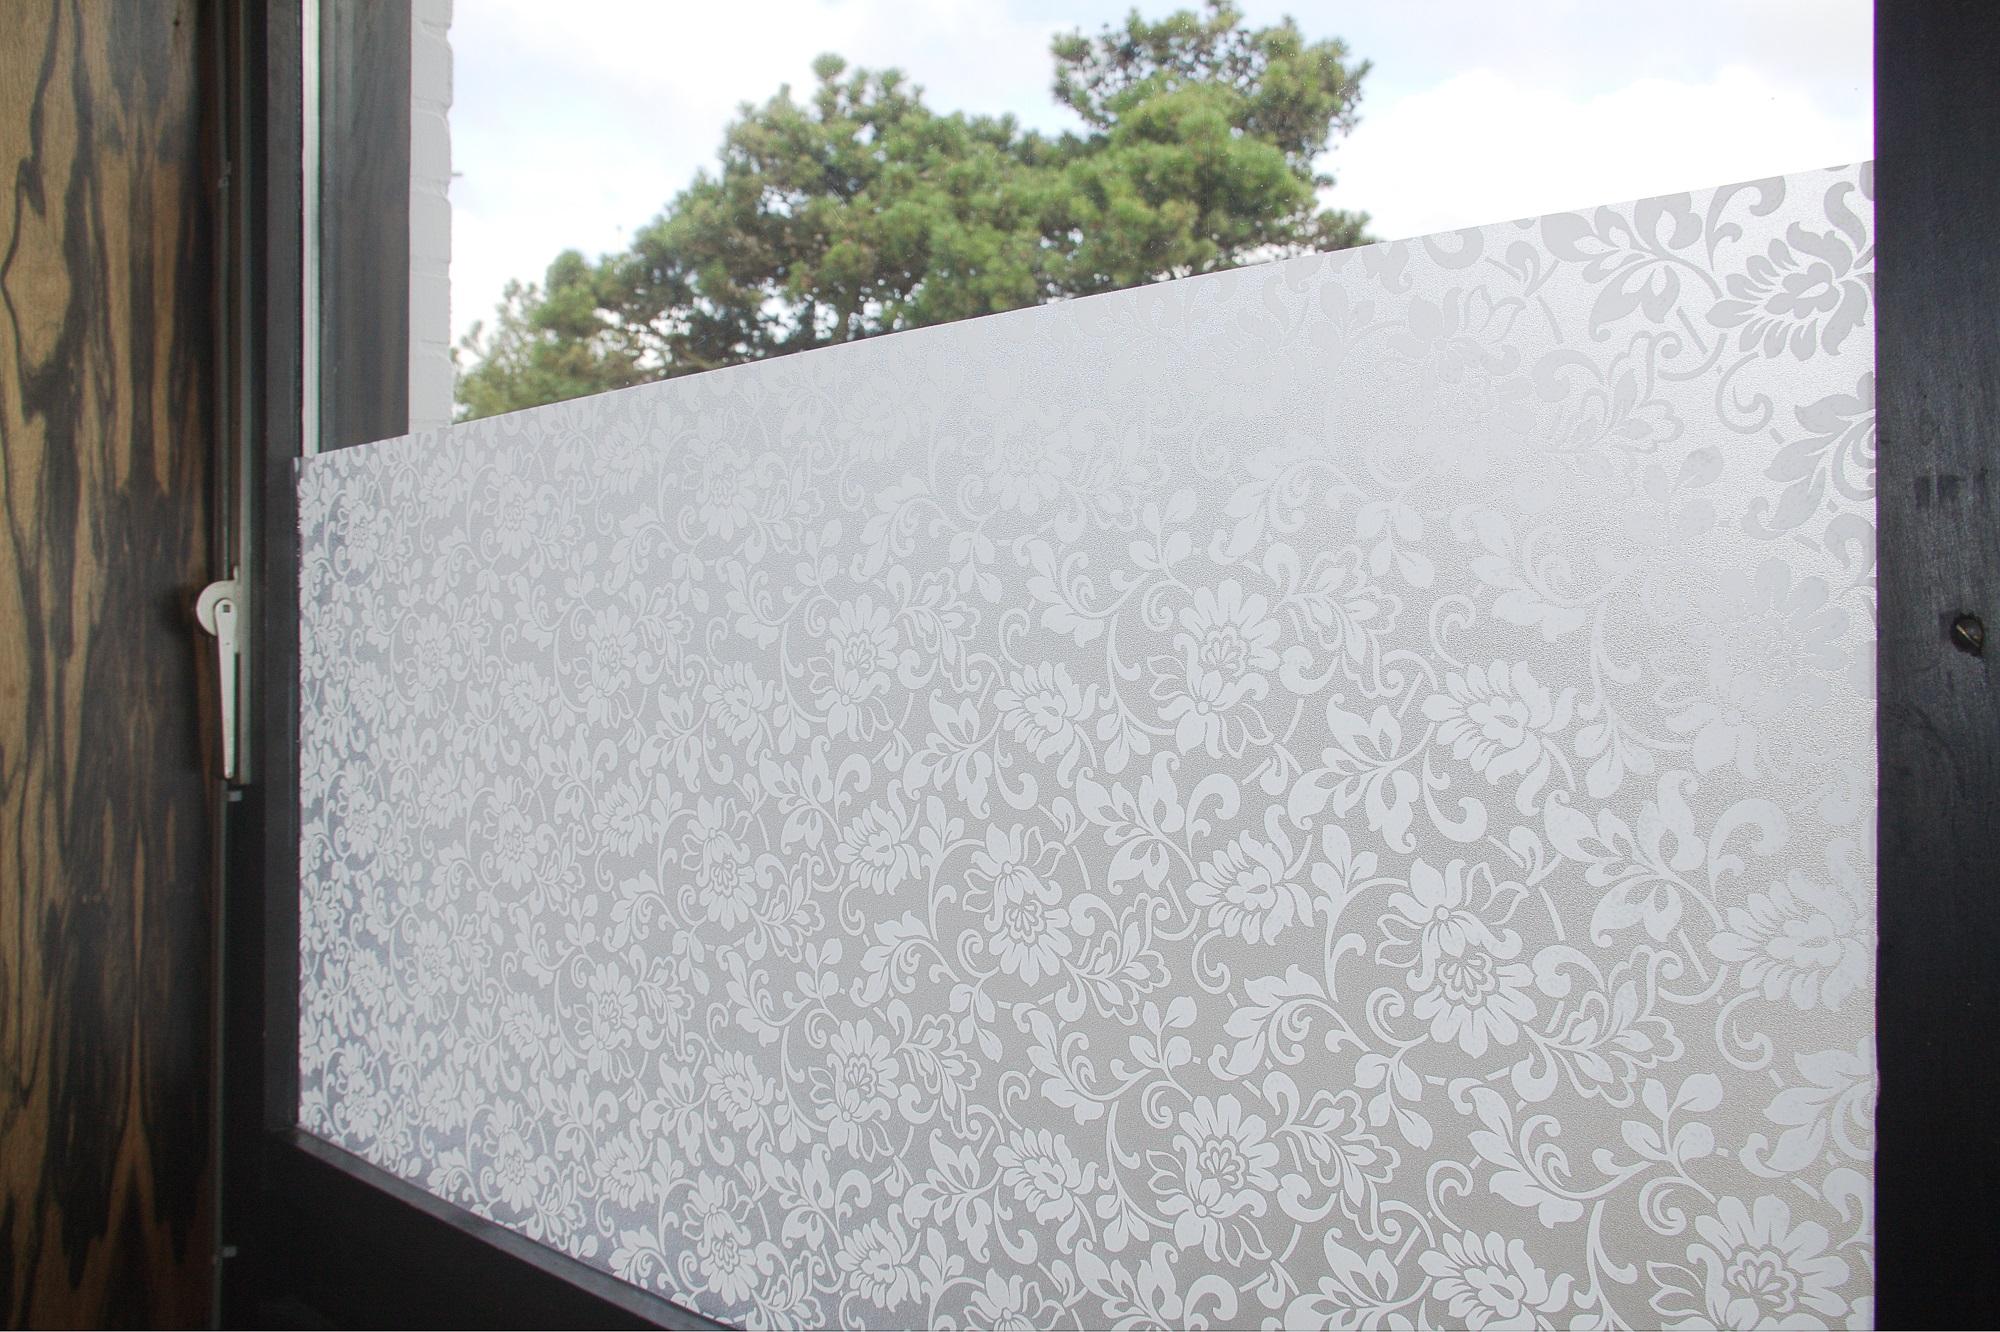 statische fensterfolie milchglas selbstklebend sichtschutz. Black Bedroom Furniture Sets. Home Design Ideas